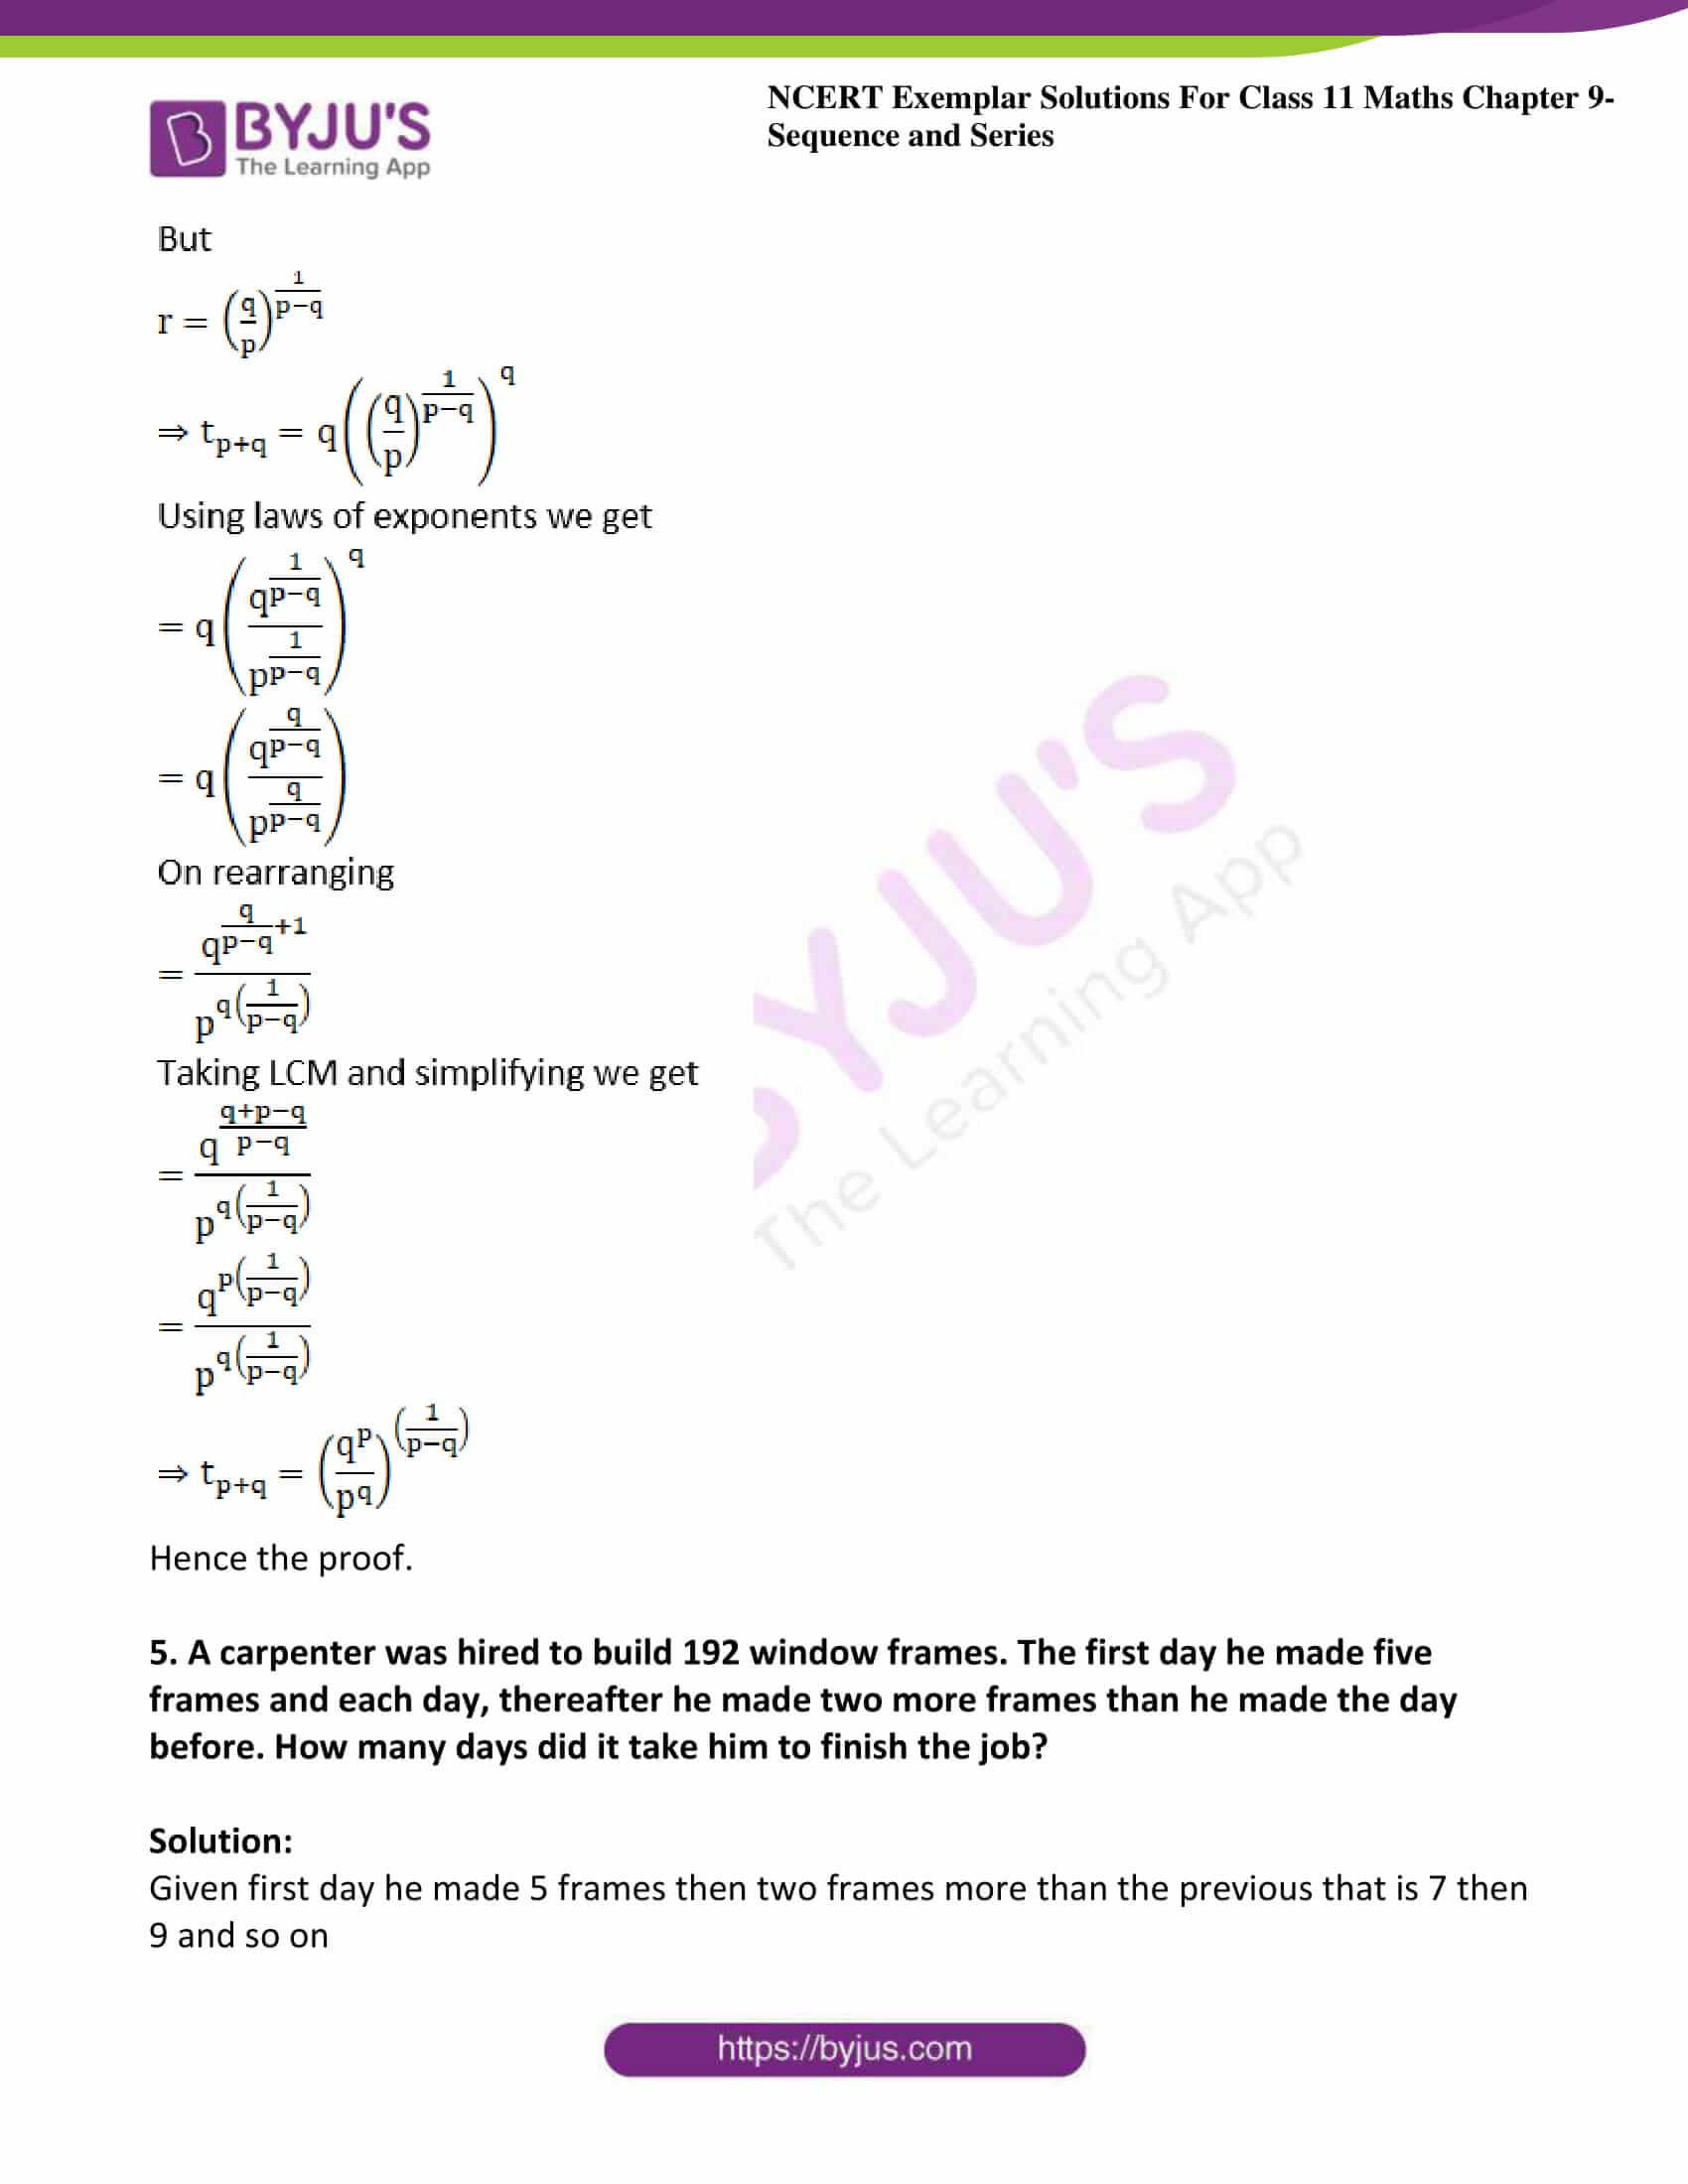 ncert exemplar sol class 11 maths chpt 9 sequence 05